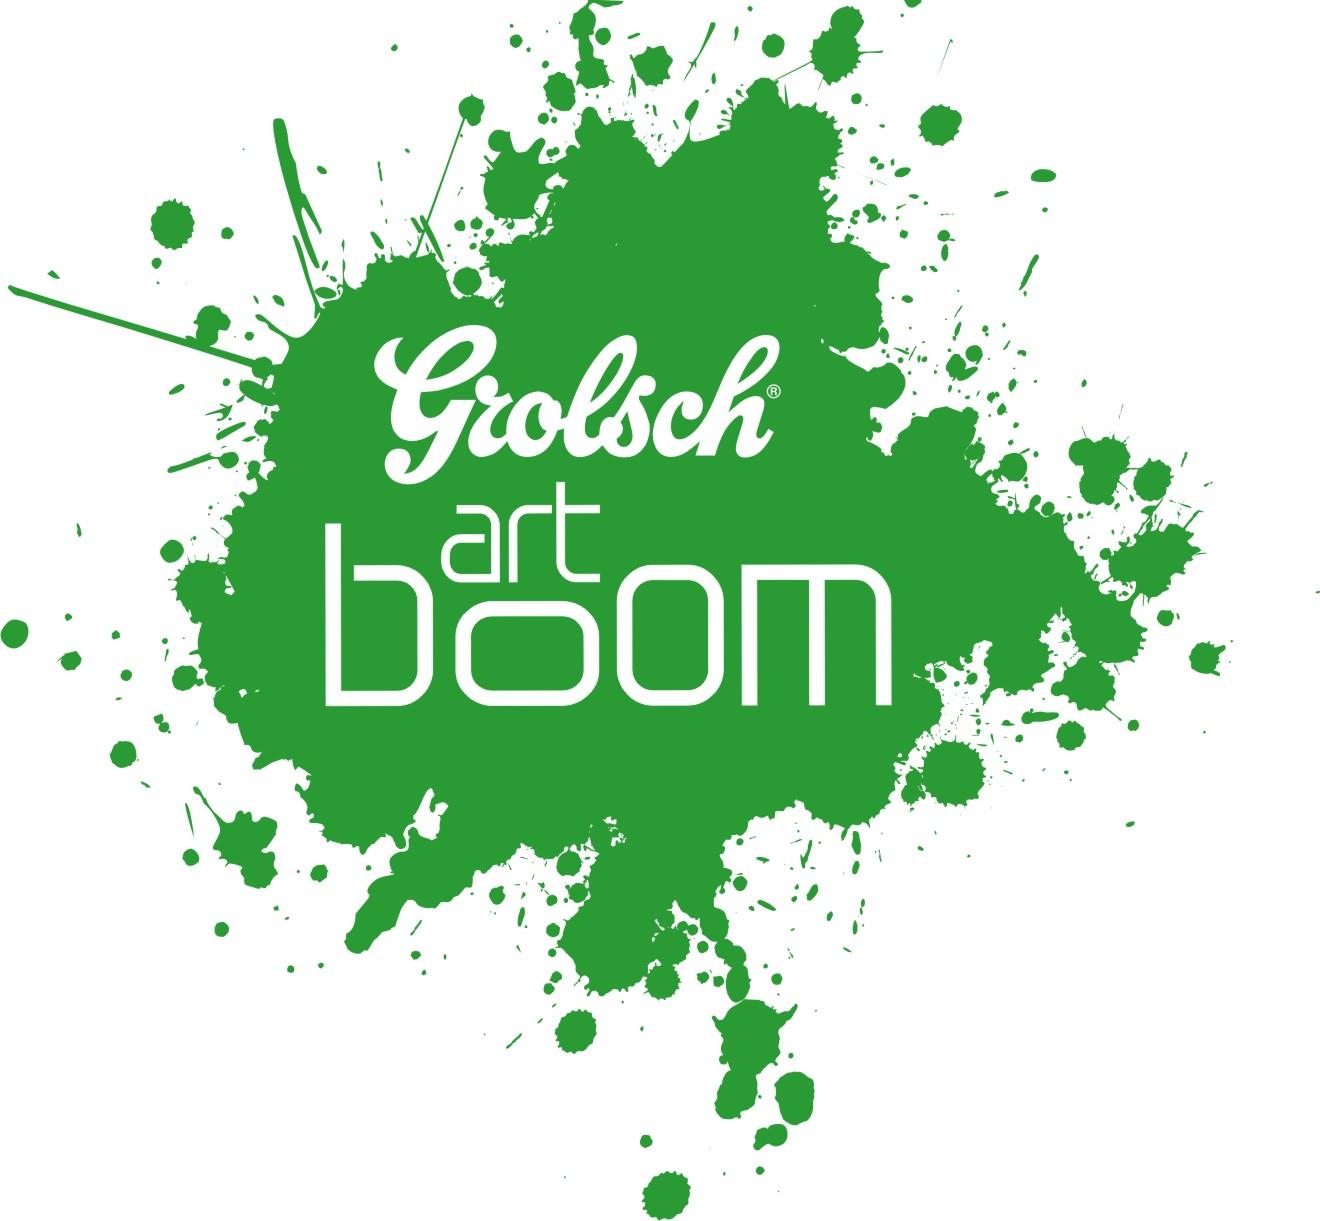 logo Grolsch Artboom Festival (źródło: materiały prasowe)